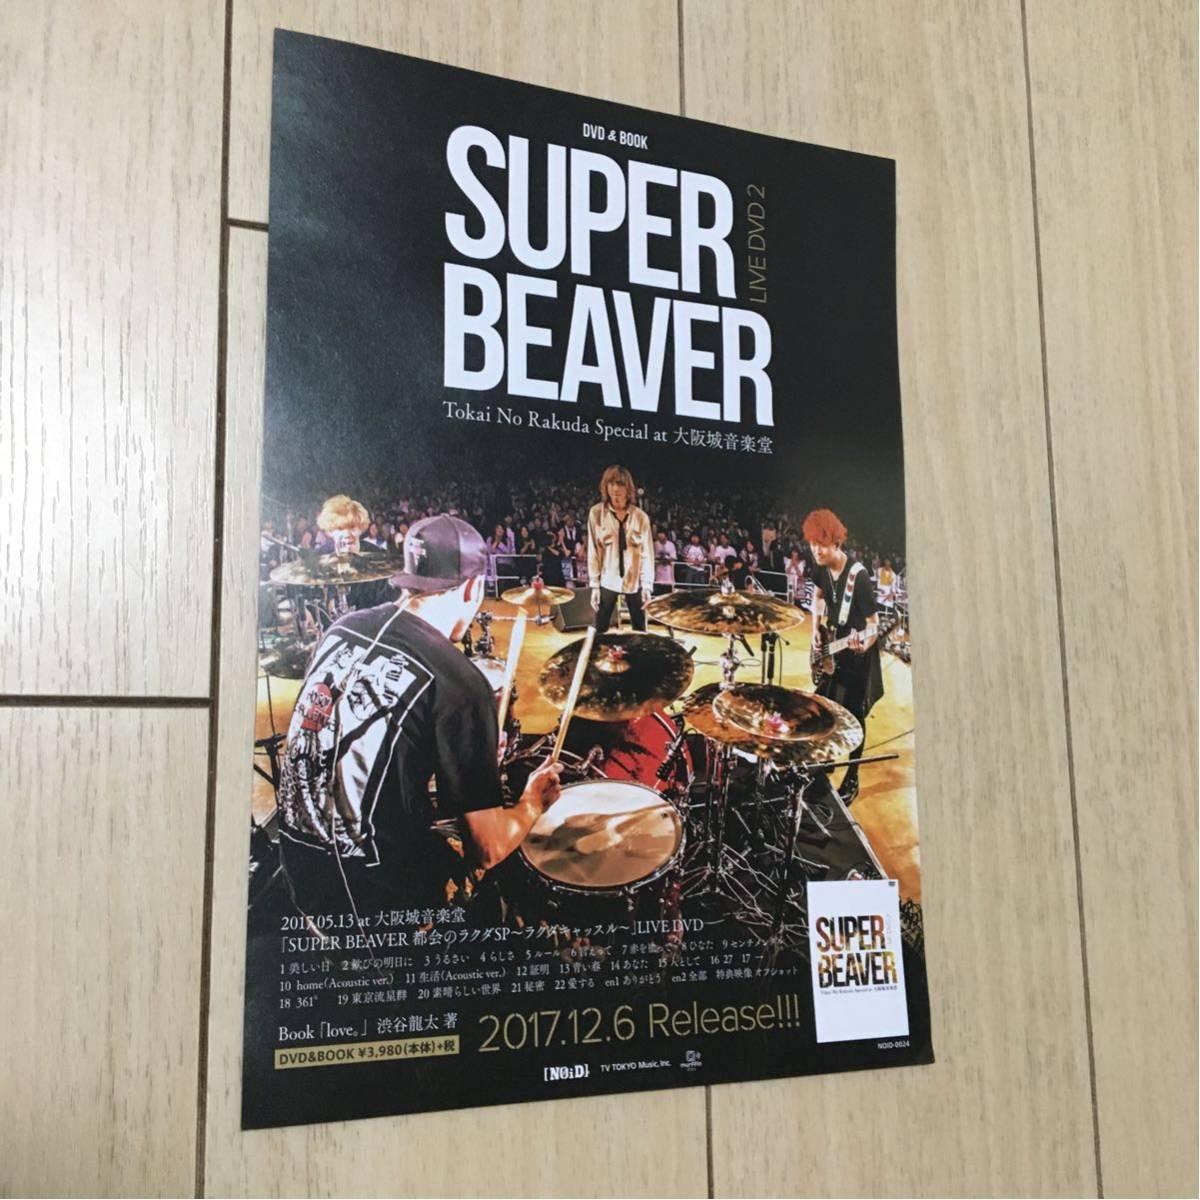 スーパー ビーバー super beaver live dvd 2017 大阪城音楽堂 ライブ 告知 チラシ 発売 都会のラクダ sp